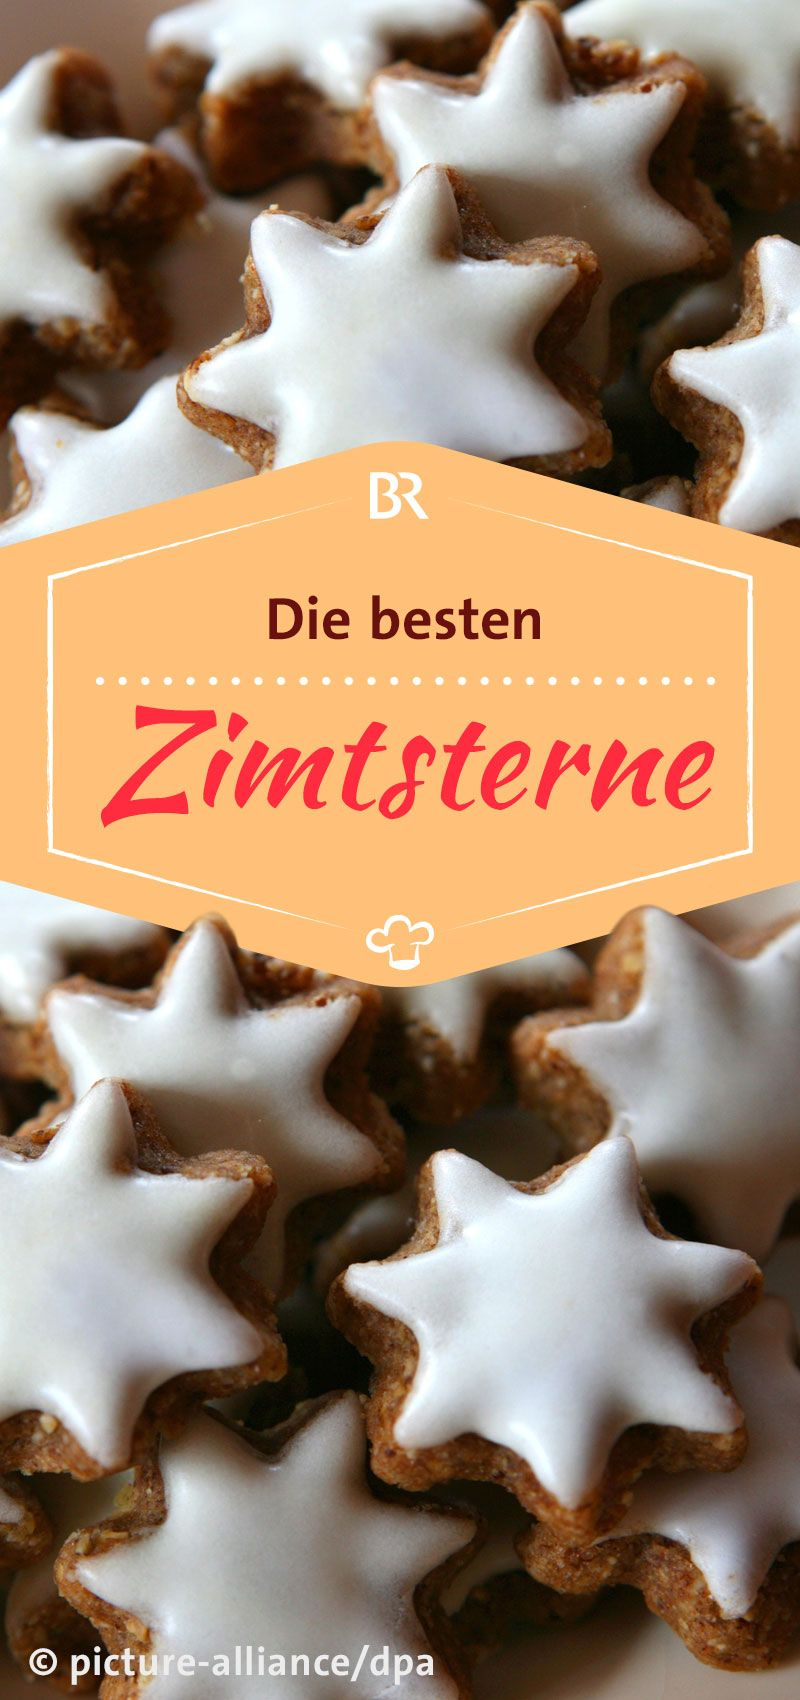 Weihnachten ohne Zimtsterne? Nicht vorstellbar! Hier erfährst Du ein einfaches Rezept für die besten Zimtsterne der Welt!  #zimtsterne #rezept #weihnachtsbäckerei #plätzchenbacken #foodporn